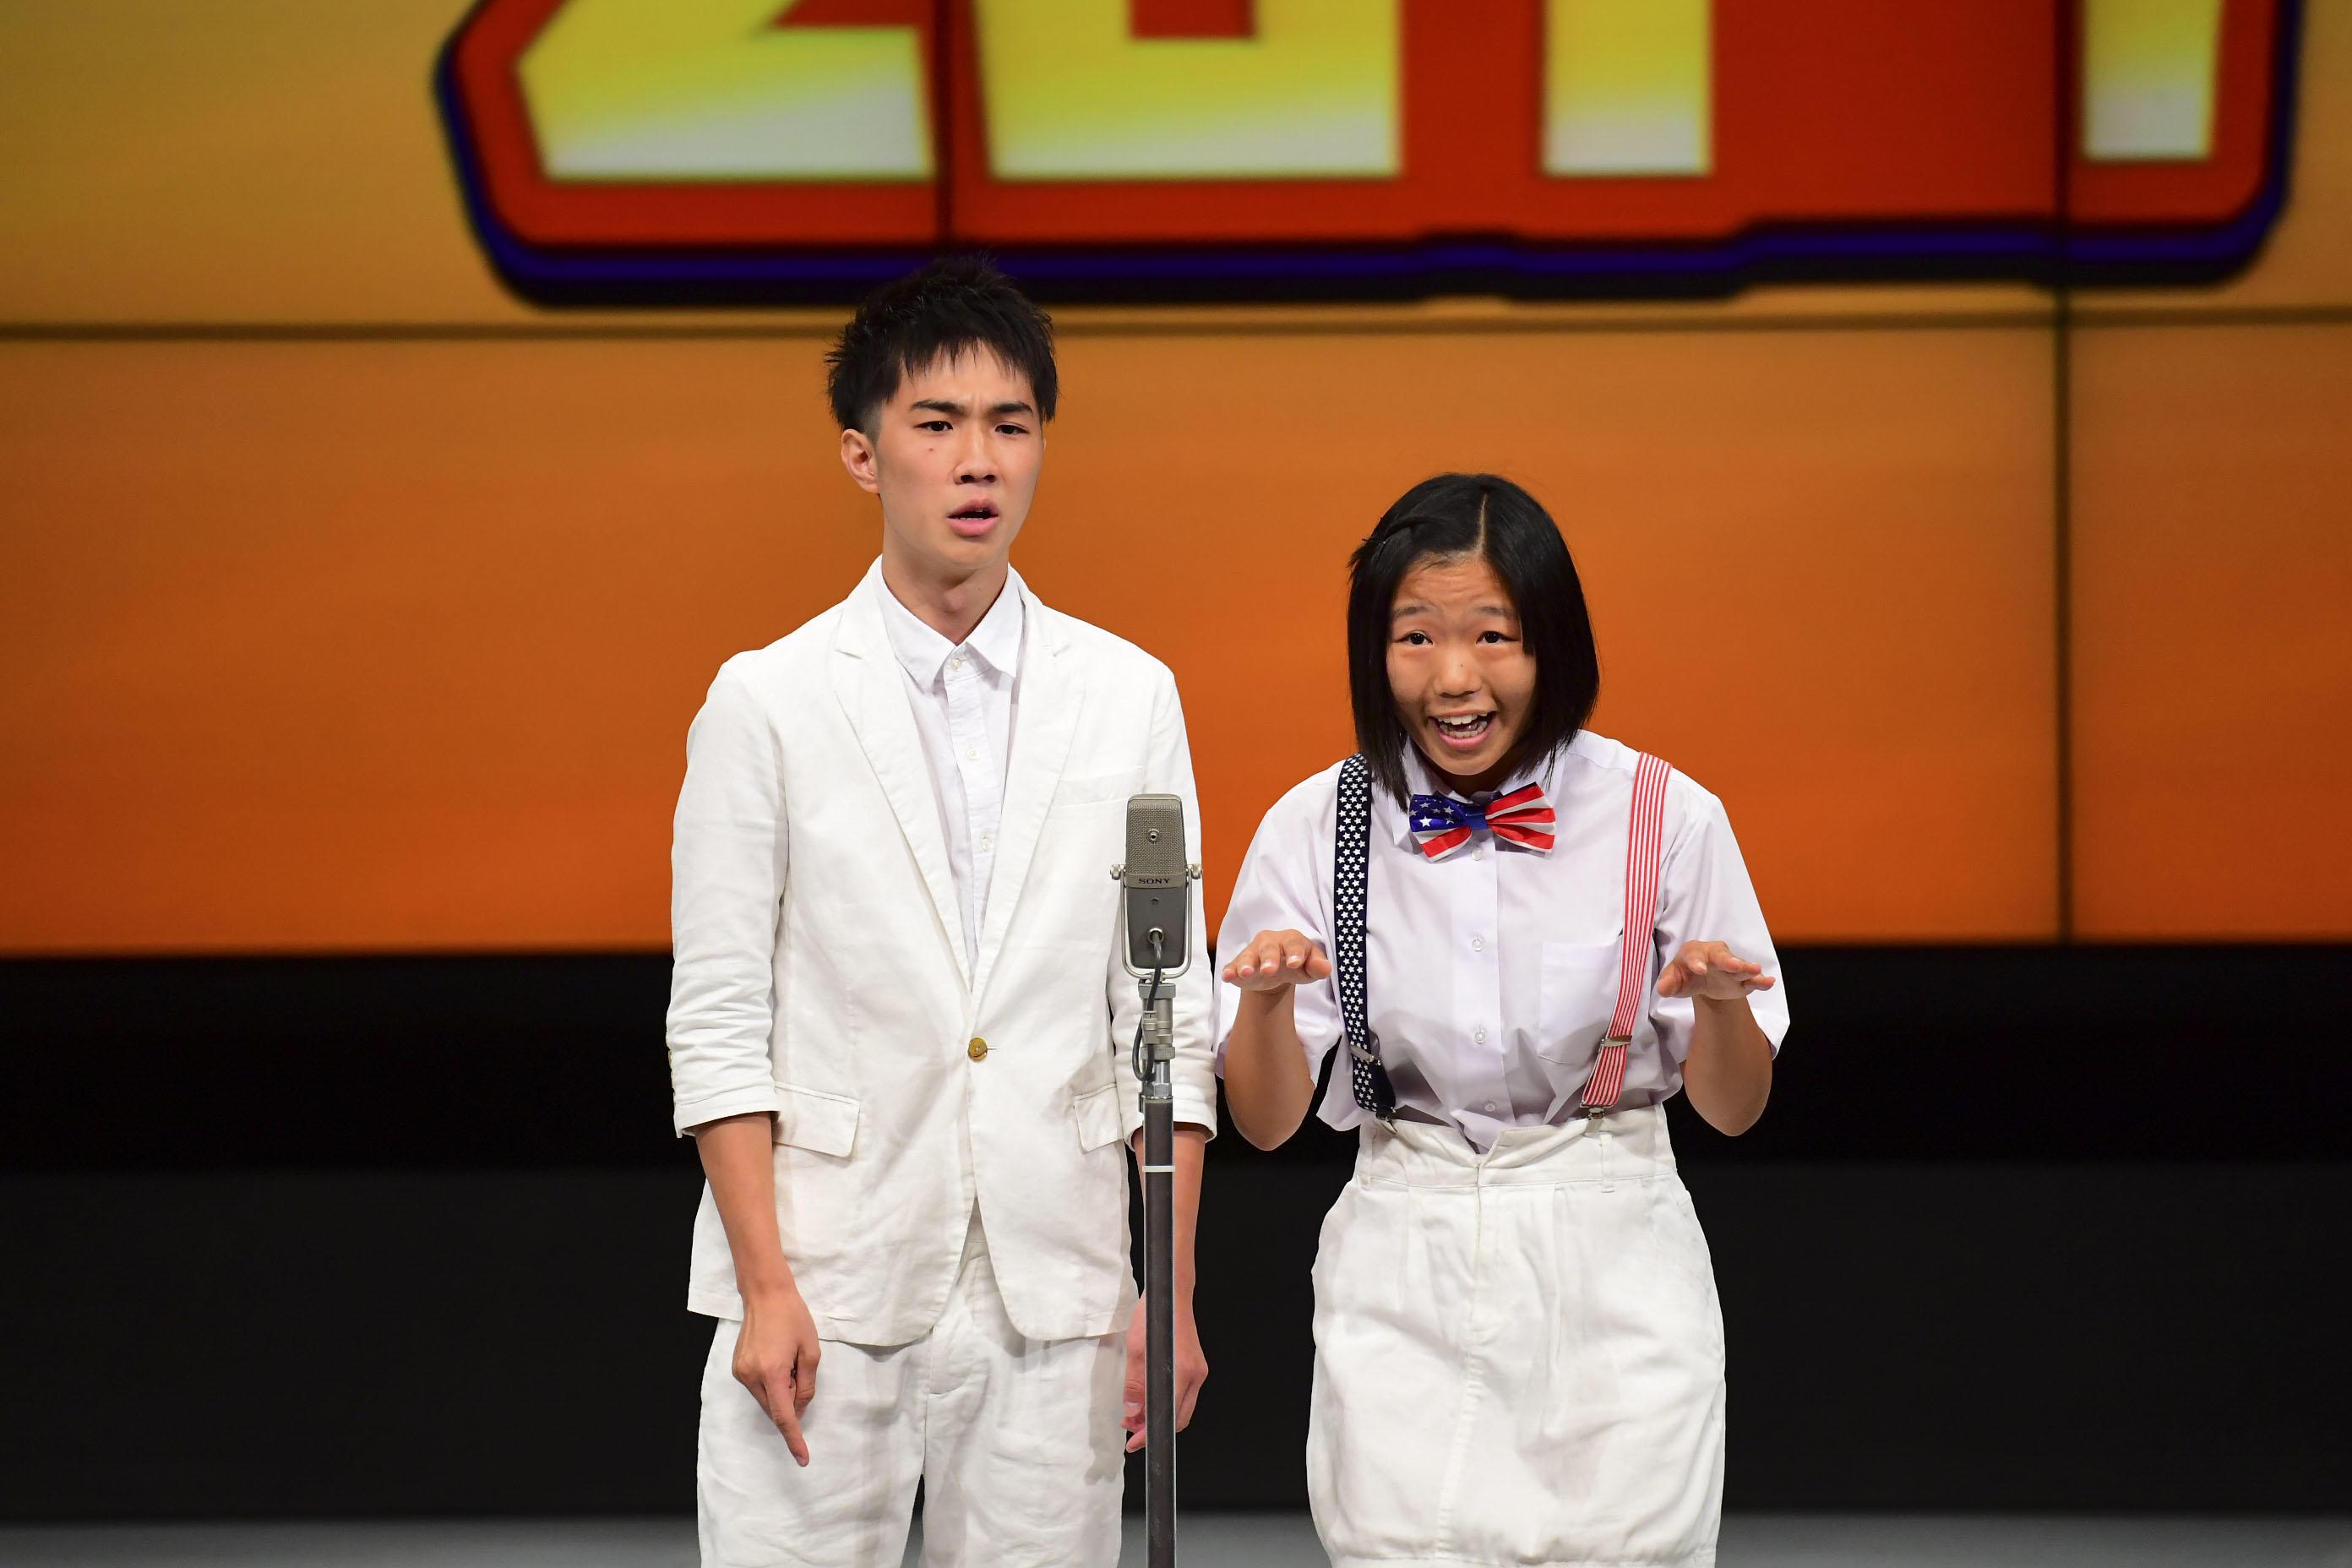 http://news.yoshimoto.co.jp/20170830150034-359c90ed35b121d31e4d7bdb4cda716f8b2f82b4.jpg